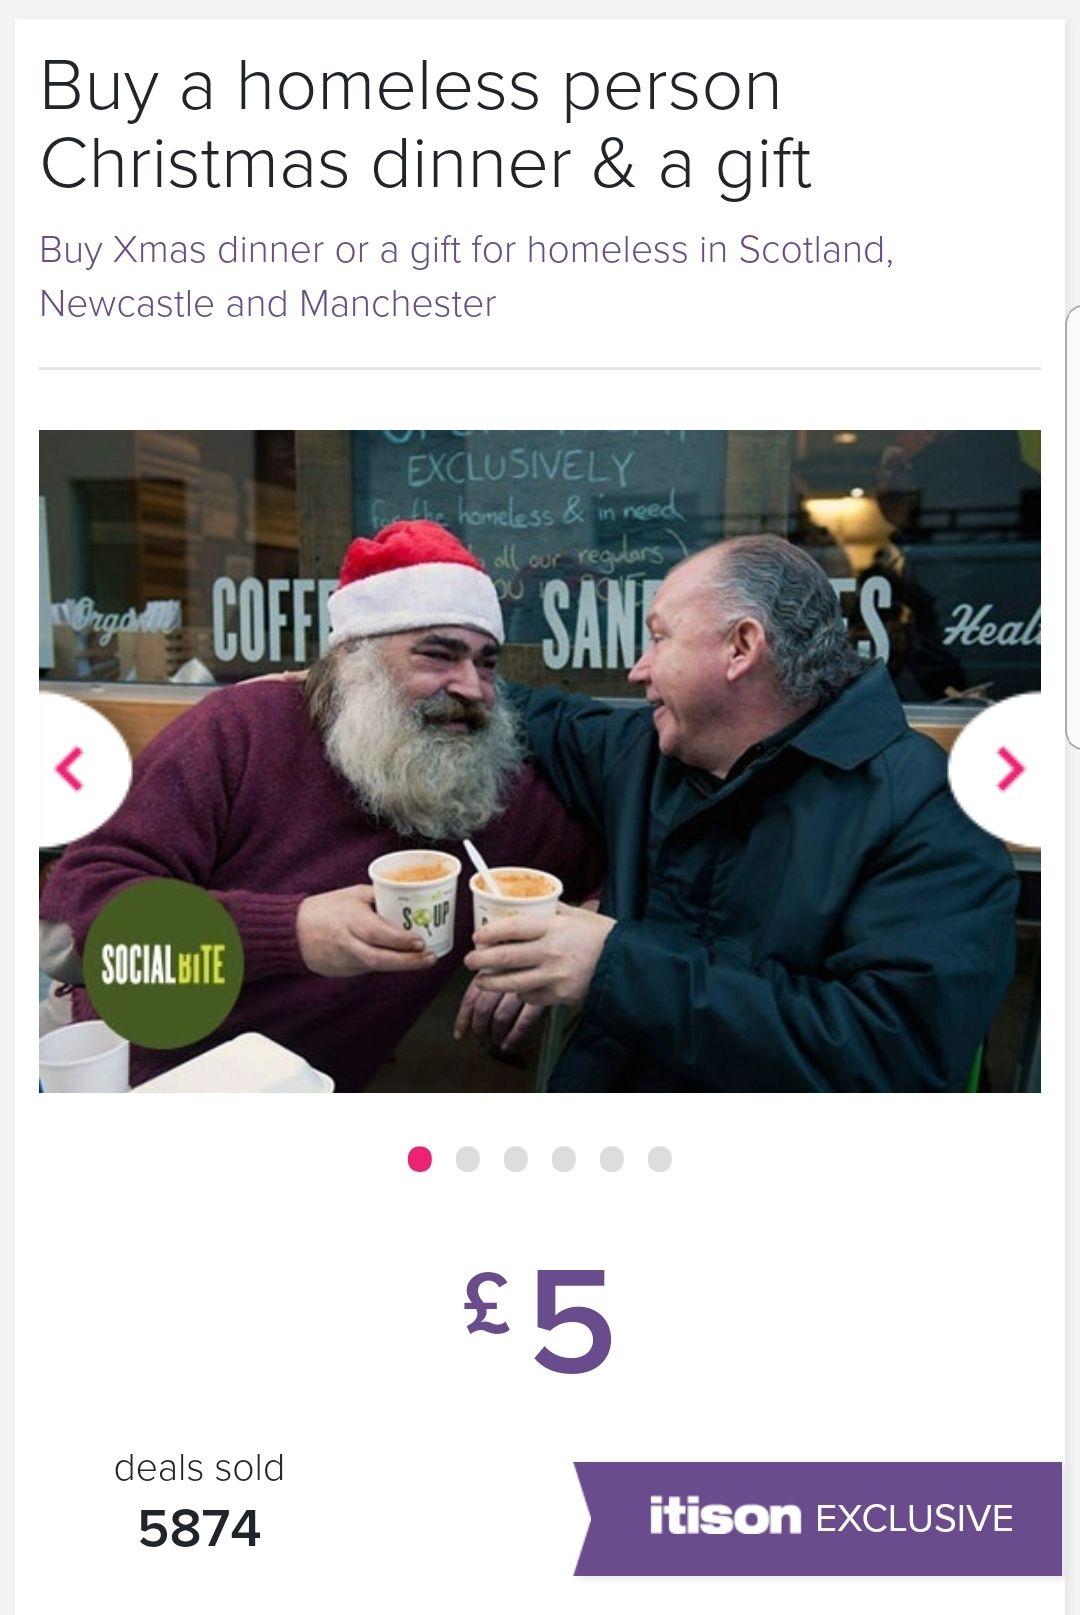 £5 @ Itison - Buy Christmas dinner & a gift for homeless.